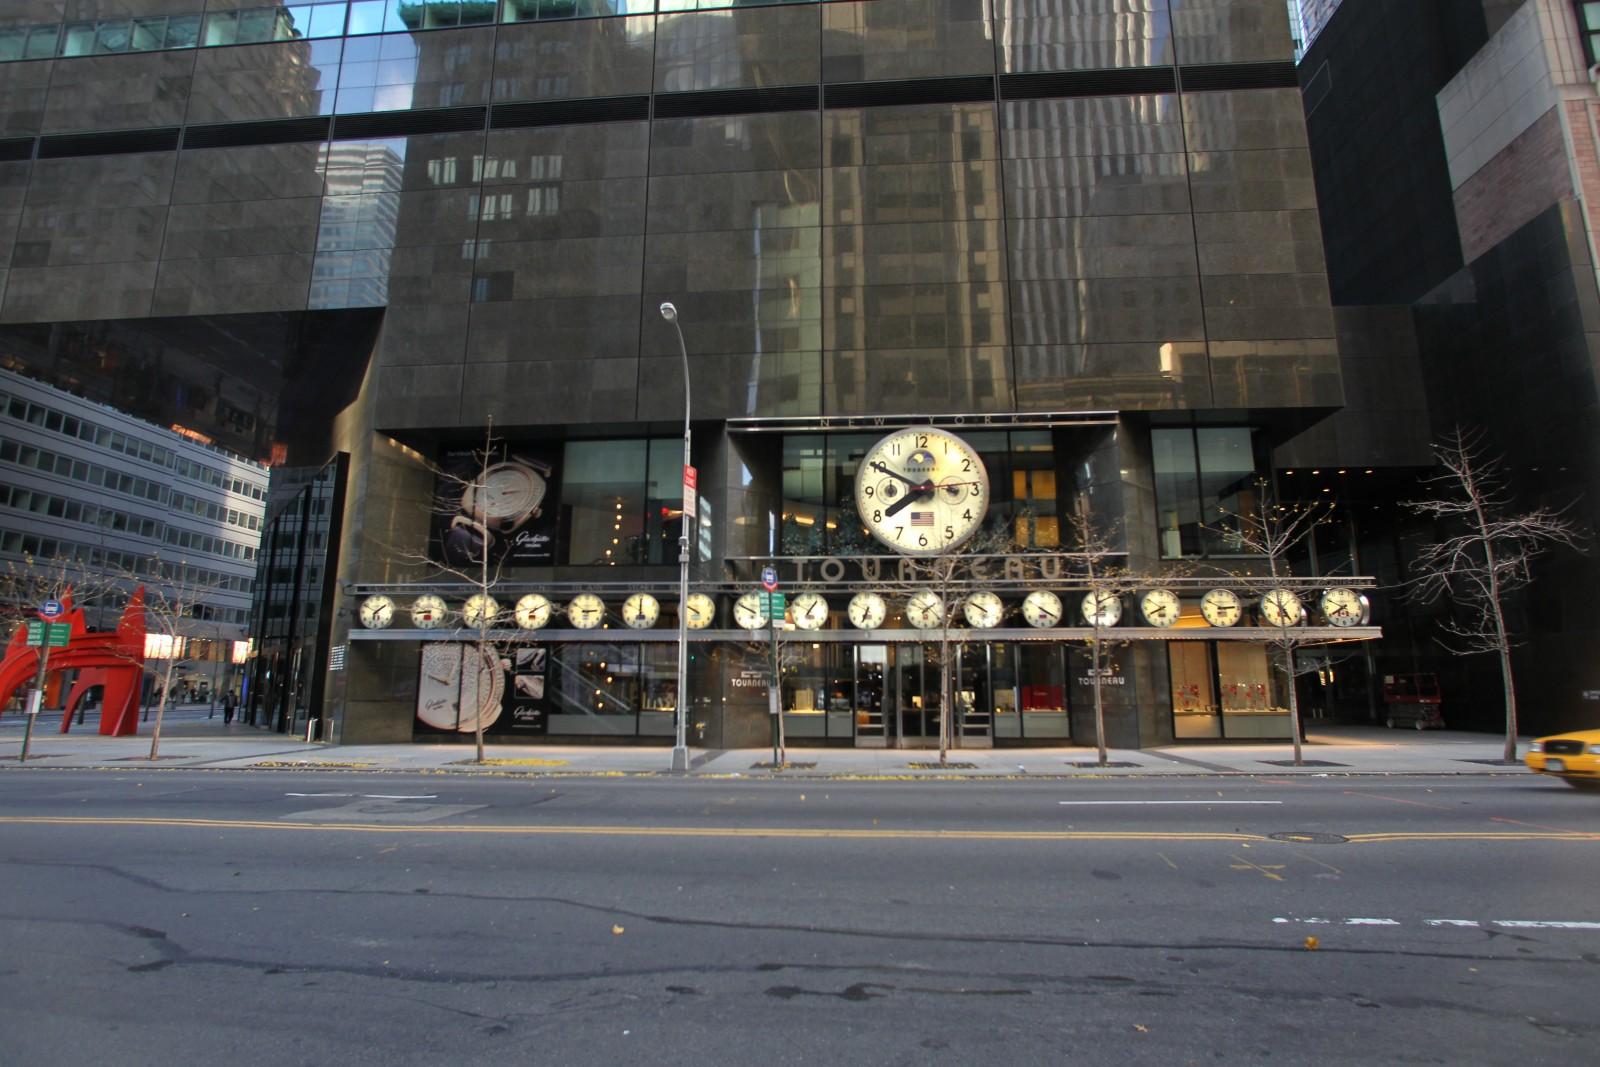 TOURNEAU 12E 57th Street New York, NY 10022 on 4URSPACE